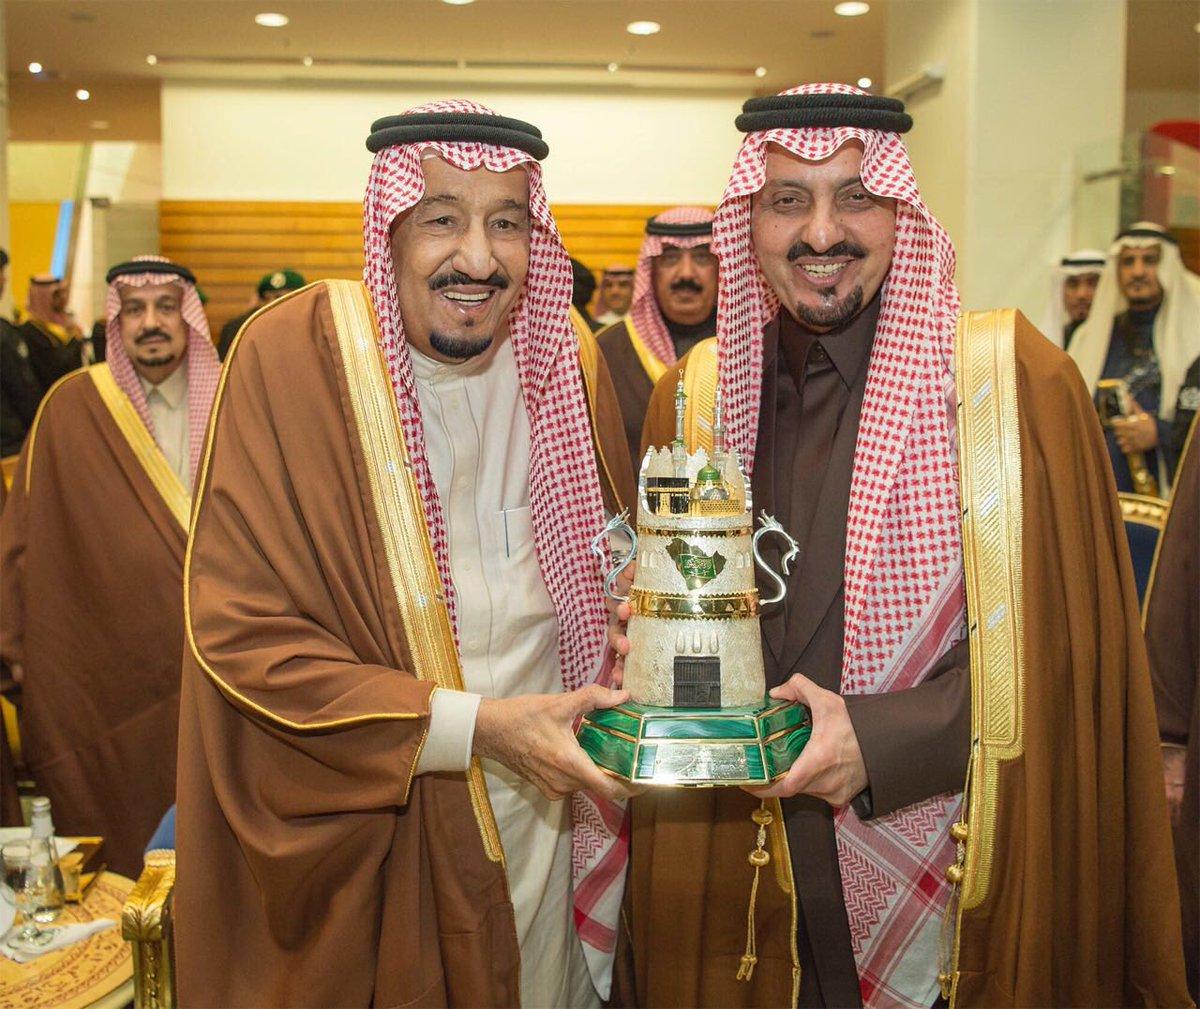 شُرفنا بتكريم @STC_KSA من يد سيدي #خادم_الحرمين_الشريفين #الملك_سلمان_بن_عبدالعزيز كراعي استراتيجي لـ #كأس_المؤسس للفروسية @KingSalman @FrusiyaClub